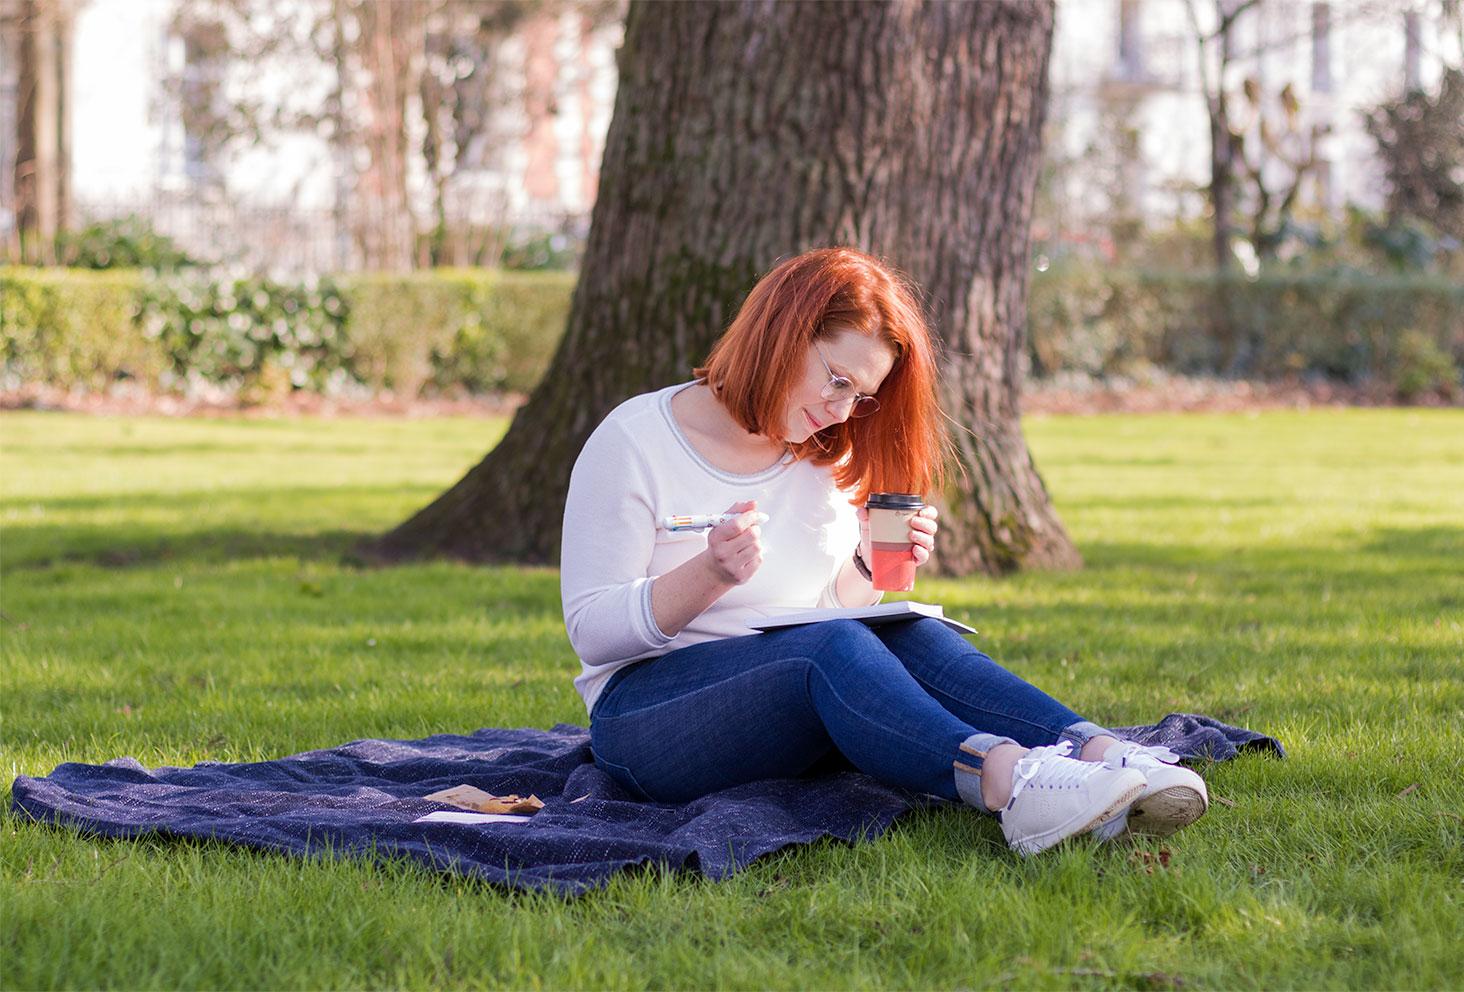 Assise au soleil sur un plaid dans l'herbe avec un café, entrain d'écrire le premier bilan de formation dans le carnet ouvert sur les genoux